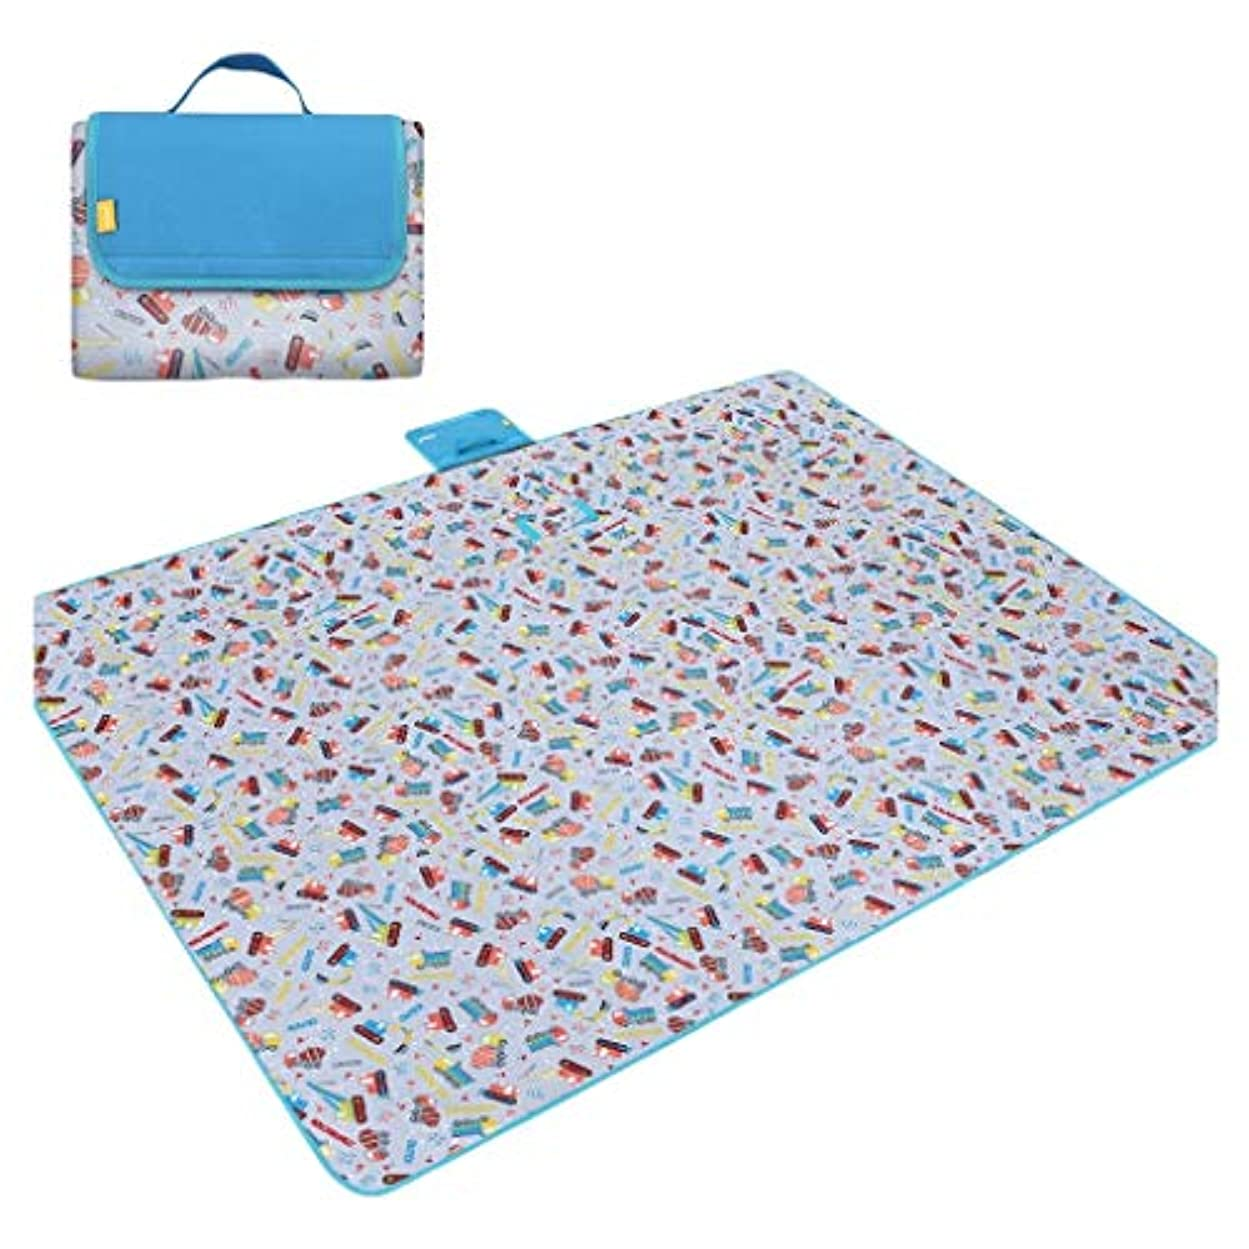 病ゴミ国民投票ピクニック毛布600 dオックスフォード布折りたたみ屋外ビーチマットピクニックマット防水サンドキャンプキャンプハンドルピクニック敷物マット200 * 150センチ (Color : A)